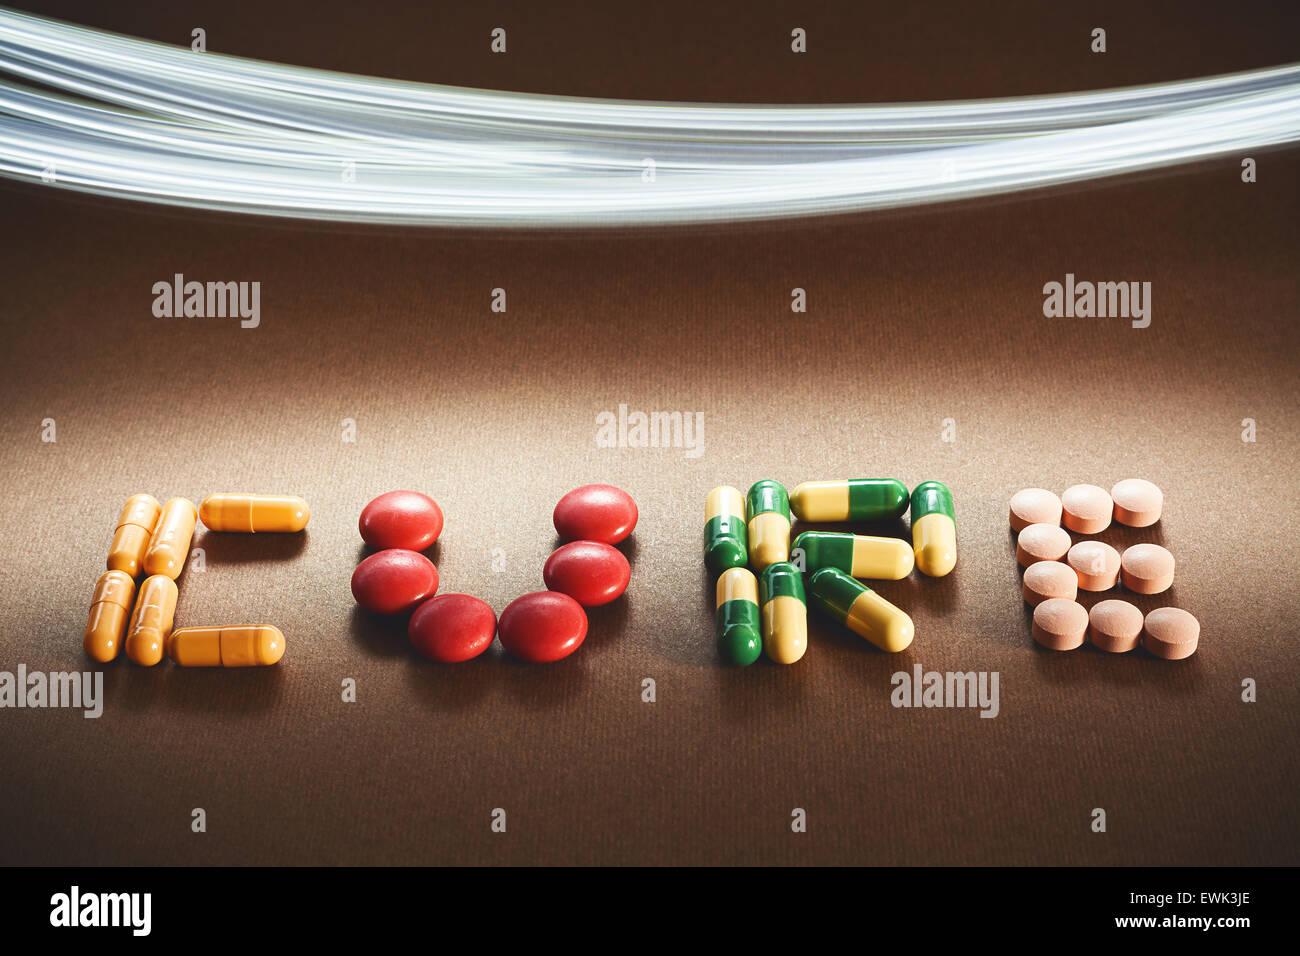 Wort Heilung mit verschiedenen verschiedenen Pillen und Tabletten, Lichtwirkung in Oberseite des Bildes geschrieben. Stockbild